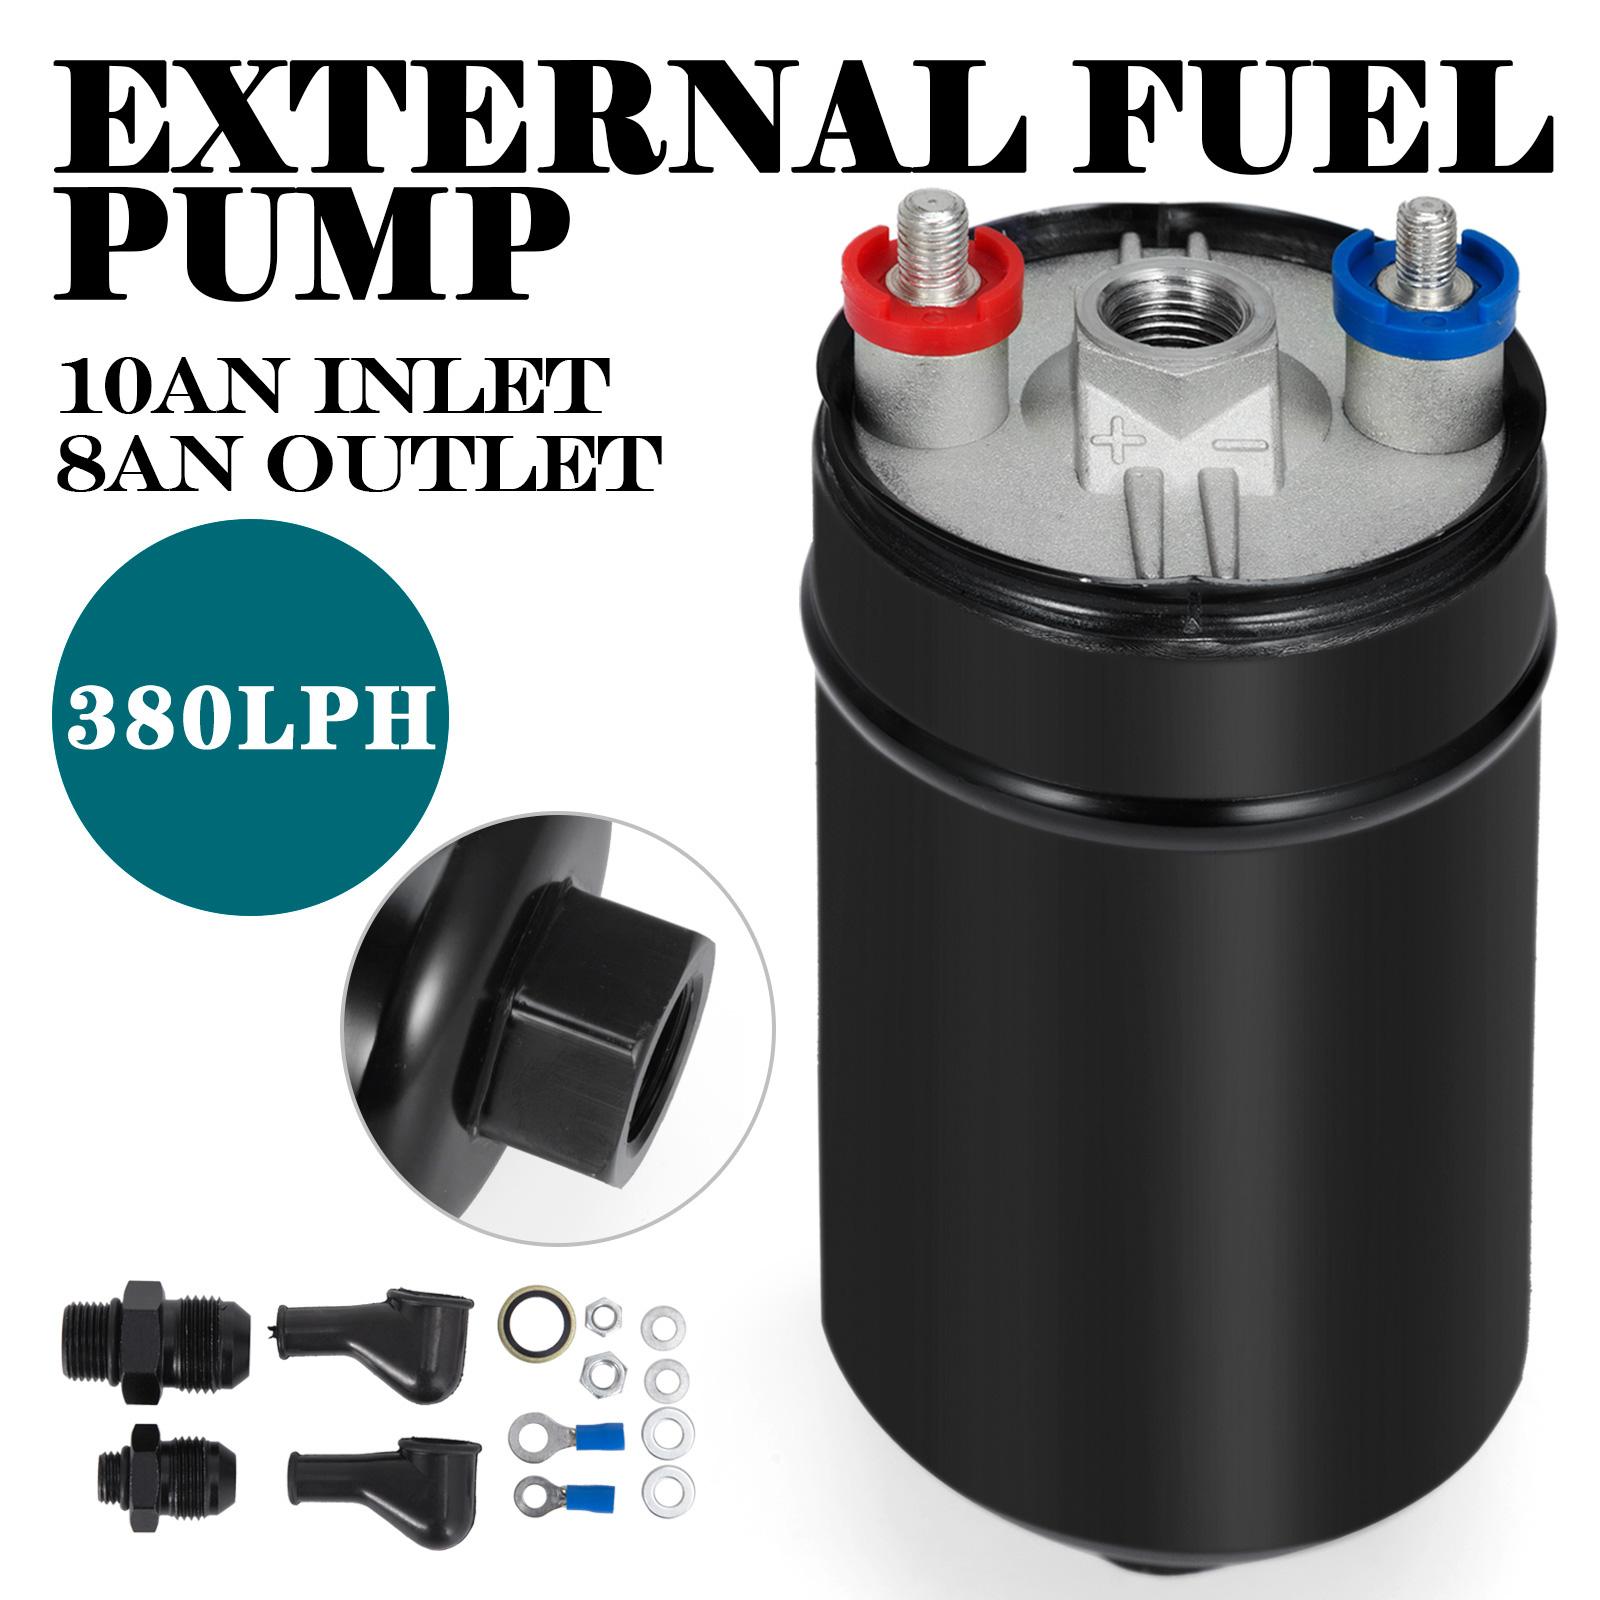 New 380LPH Inline External Fuel Pump 10AN Inlet Check Vavle 8AN Outlett